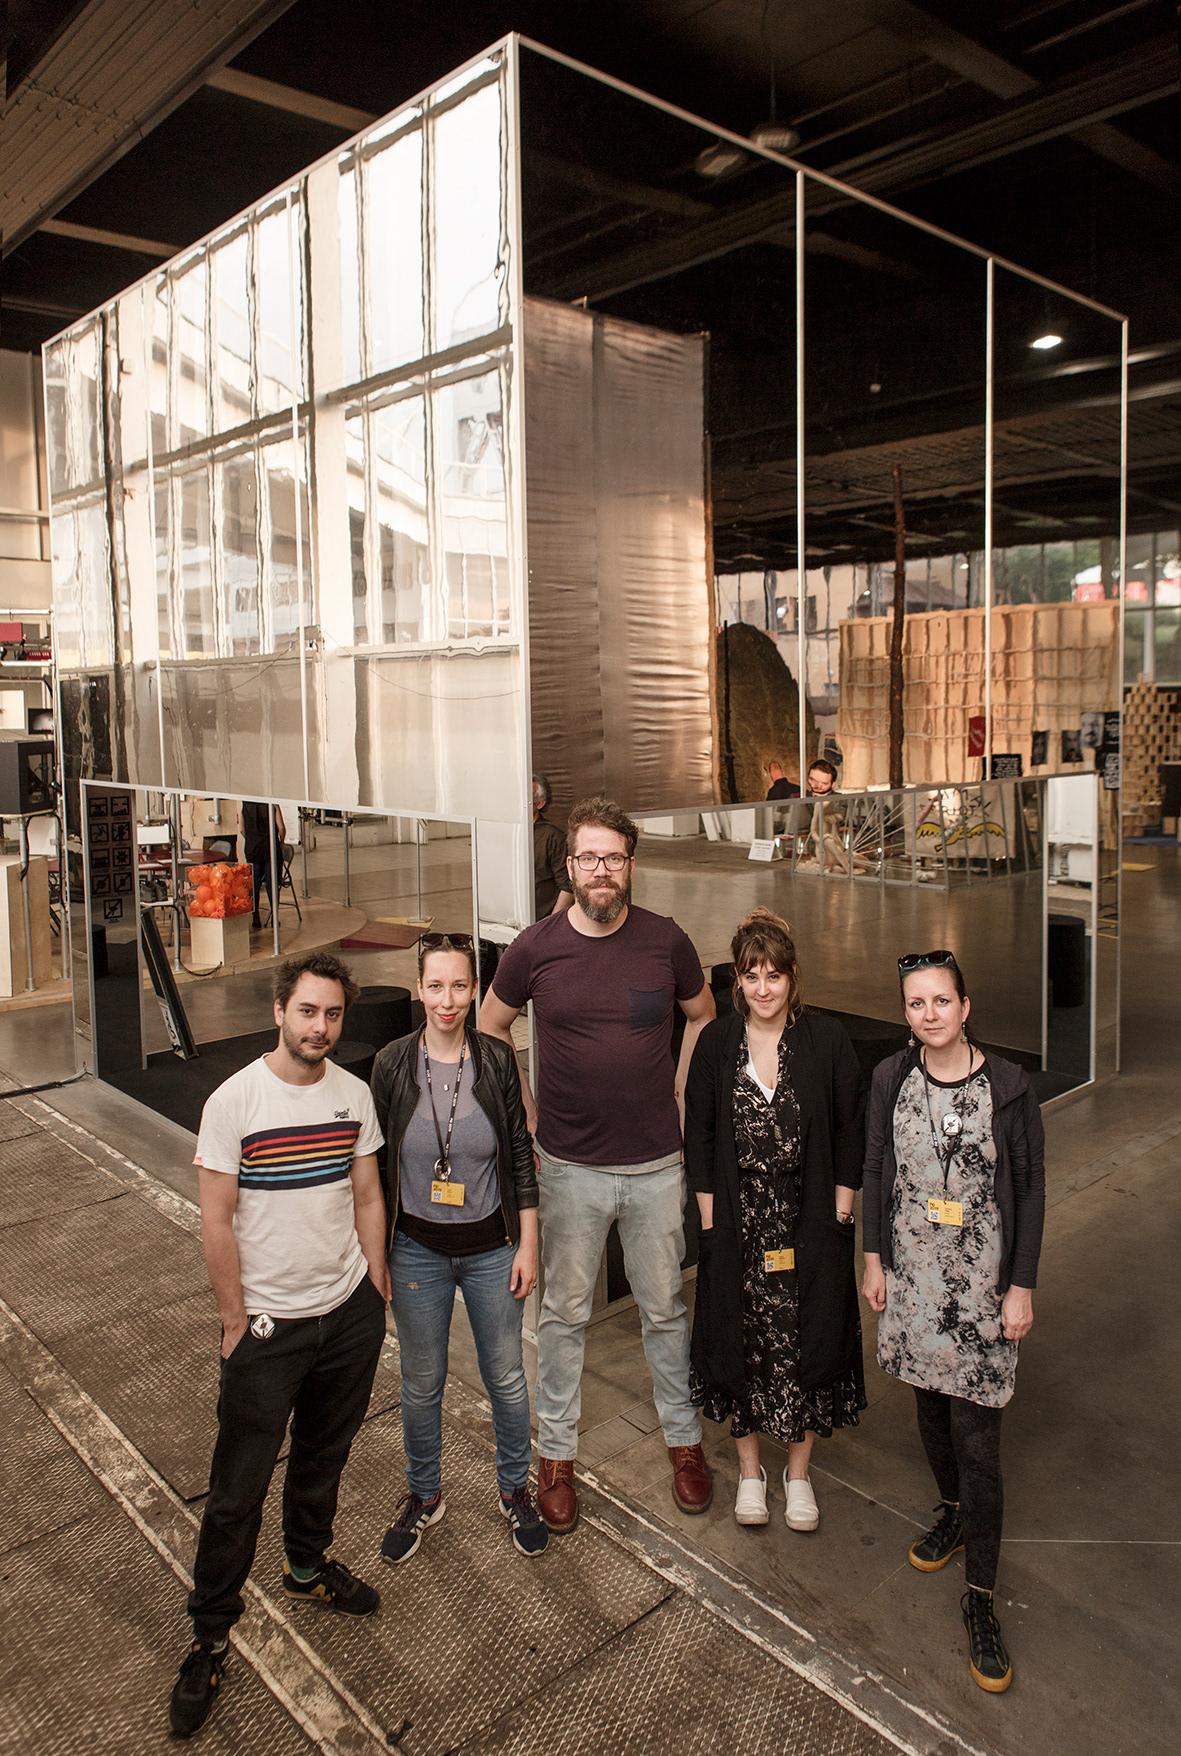 installation design pq2019 prague quadrennial Exhibition Design  hungarian designer infinite dune Hungarian design PQ